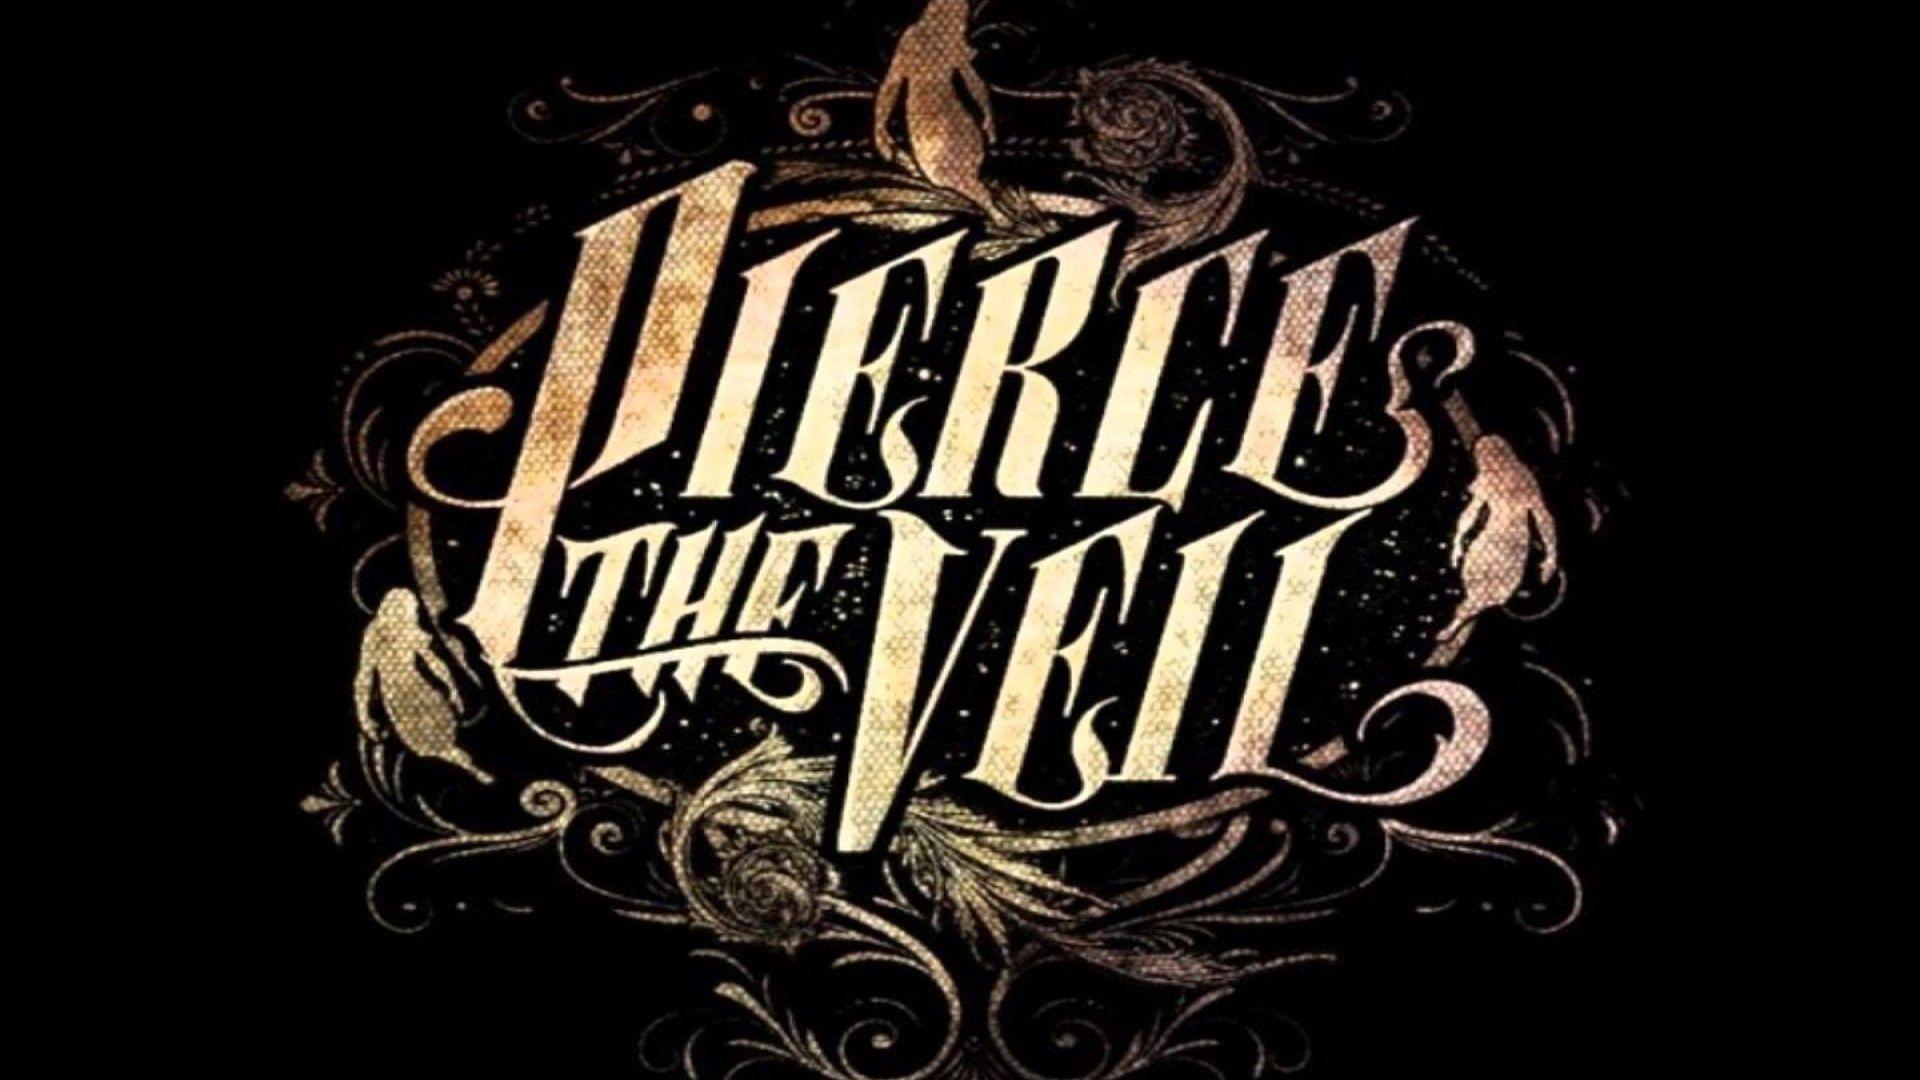 Pierce The Veil Wallpaper 80 Images